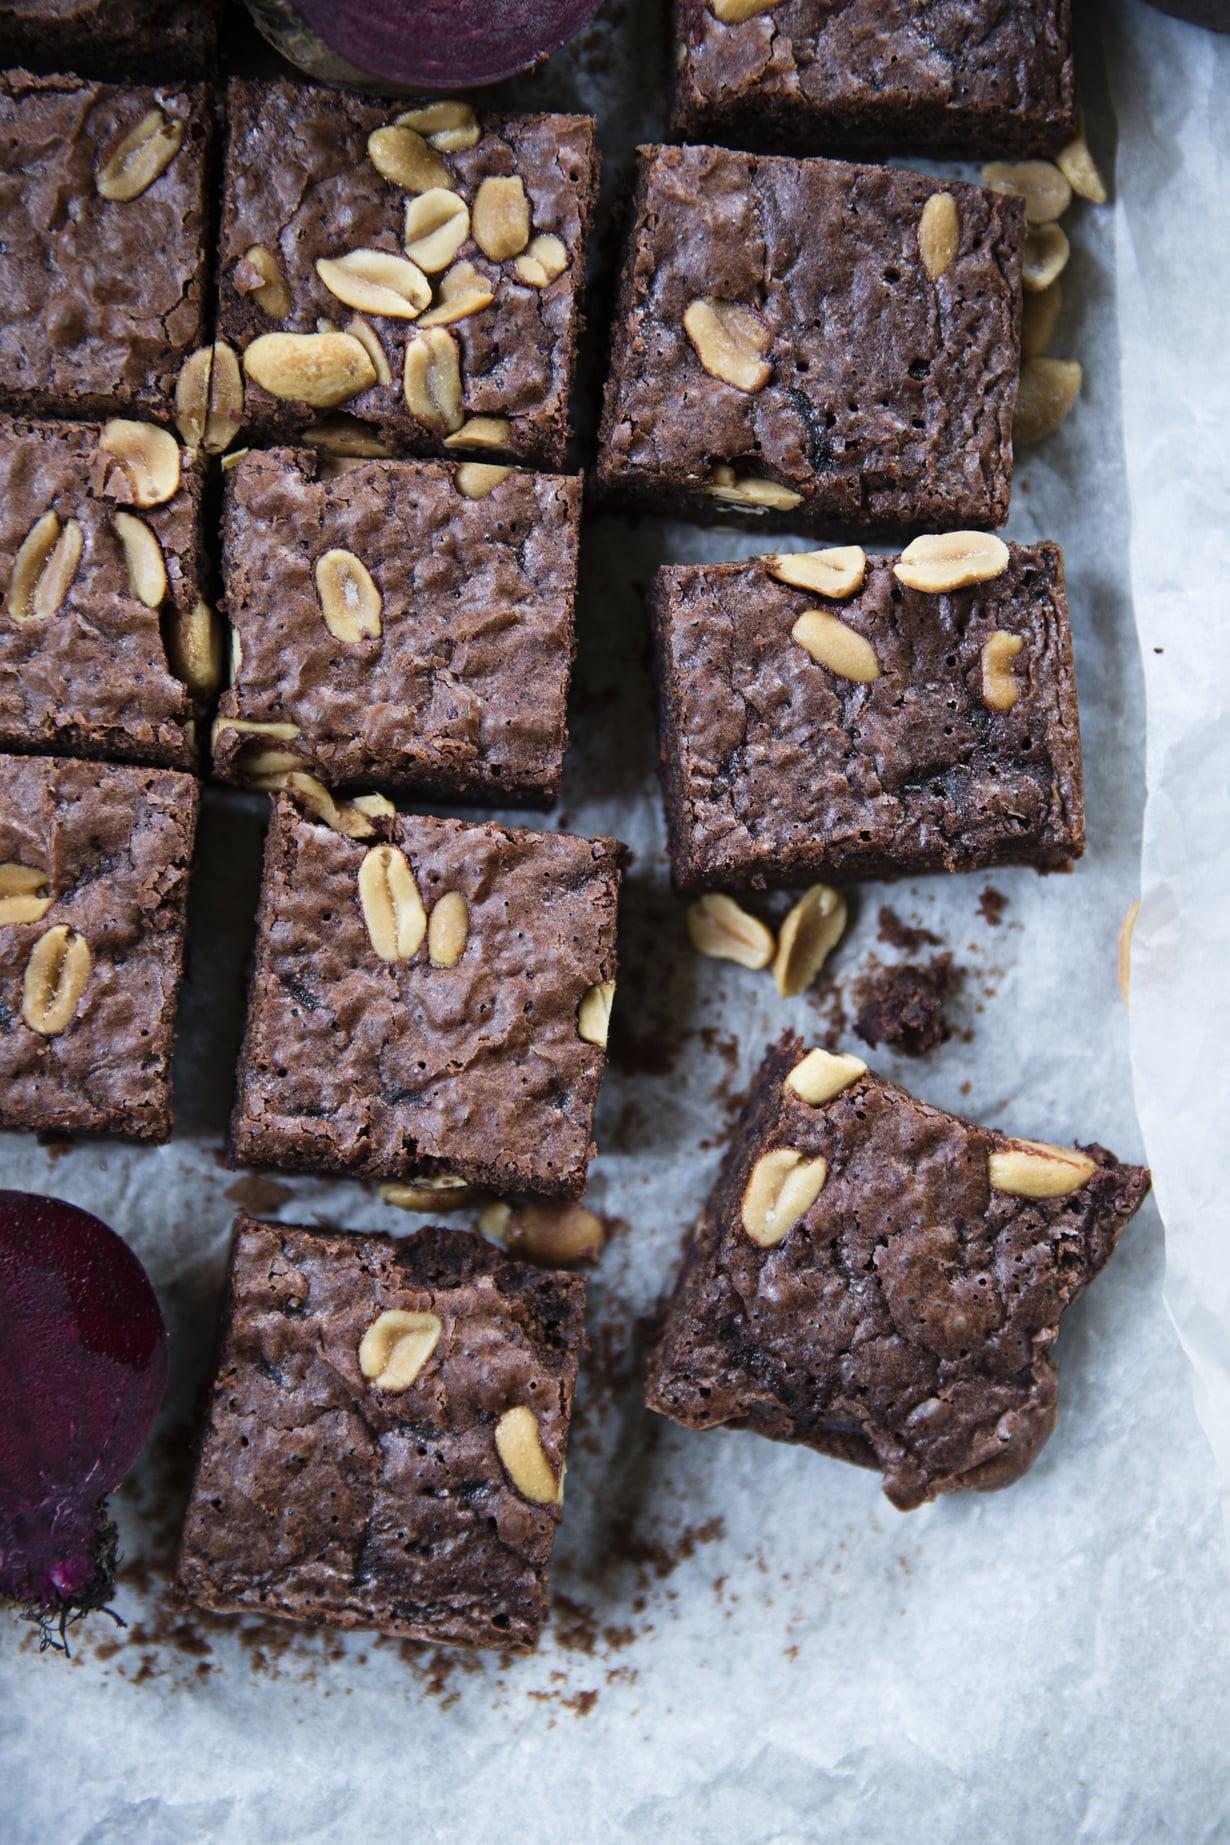 Punajuuren, suklaan ja suolapähkinöiden liitto syntyy helposti ilman sähkövatkainta. KUVA: Anna Huovinen